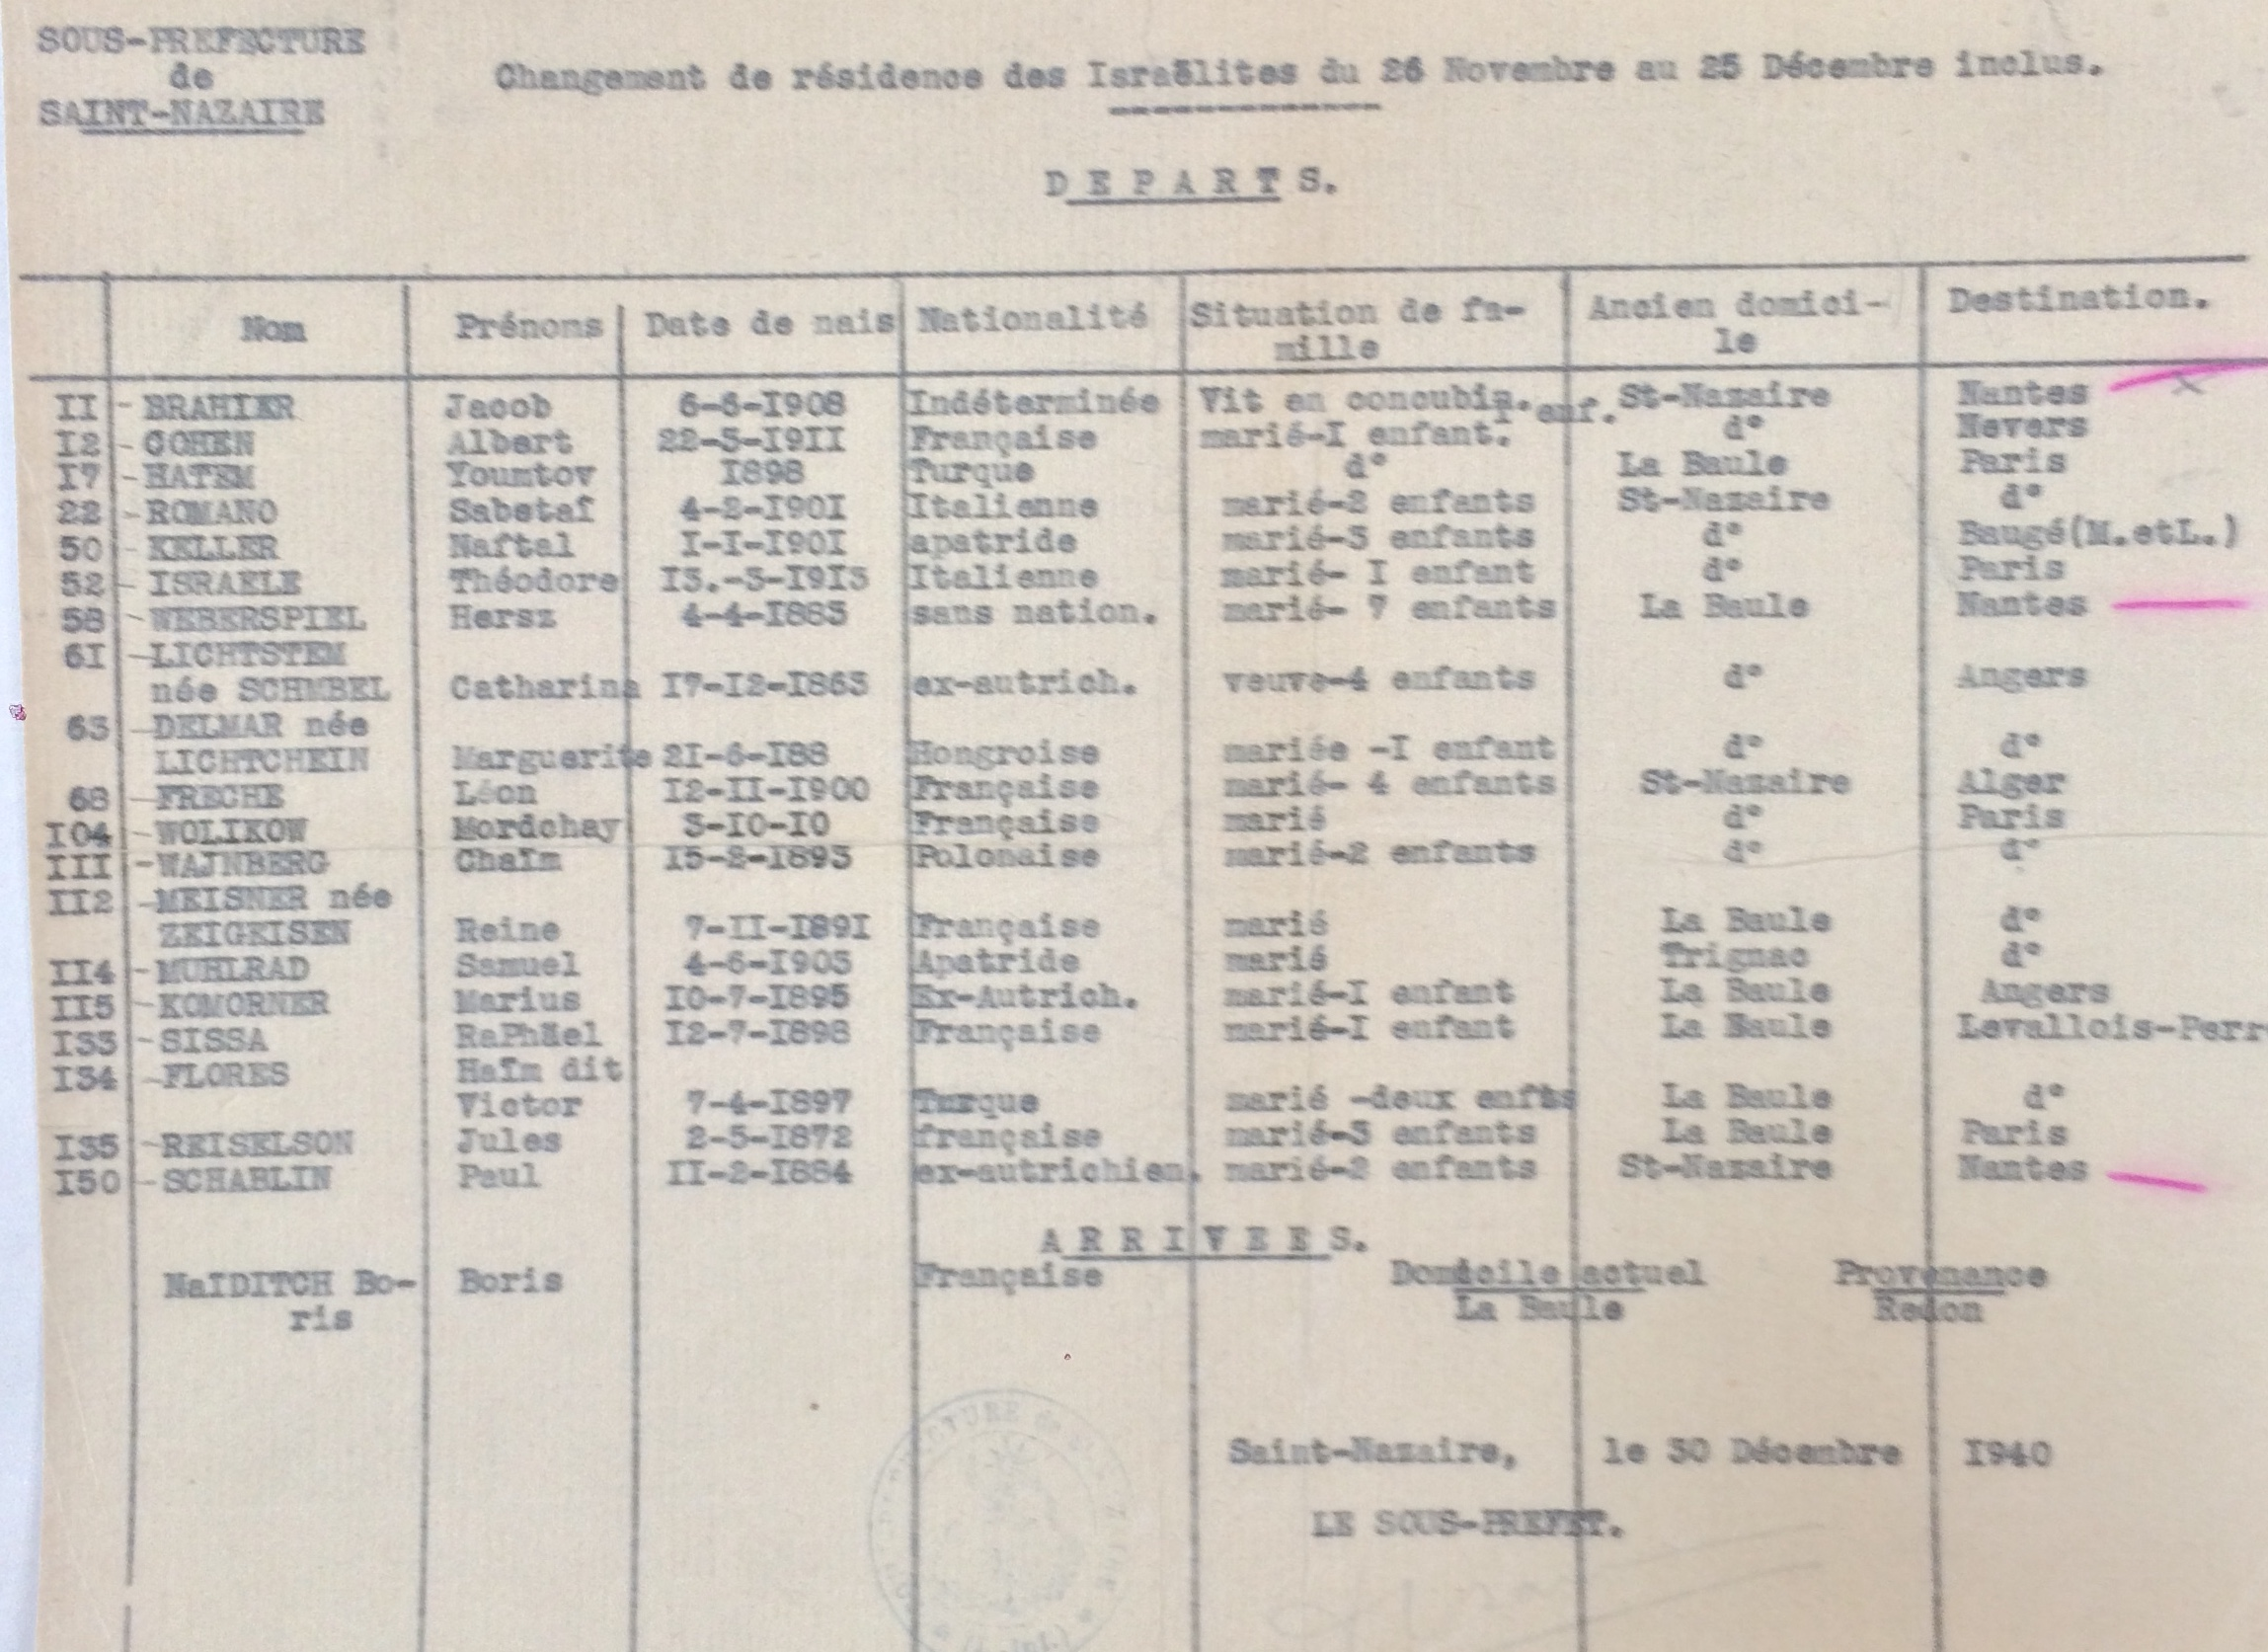 Contrôle déplacement Israélites décembre 1940 [ADLA 1694W25]